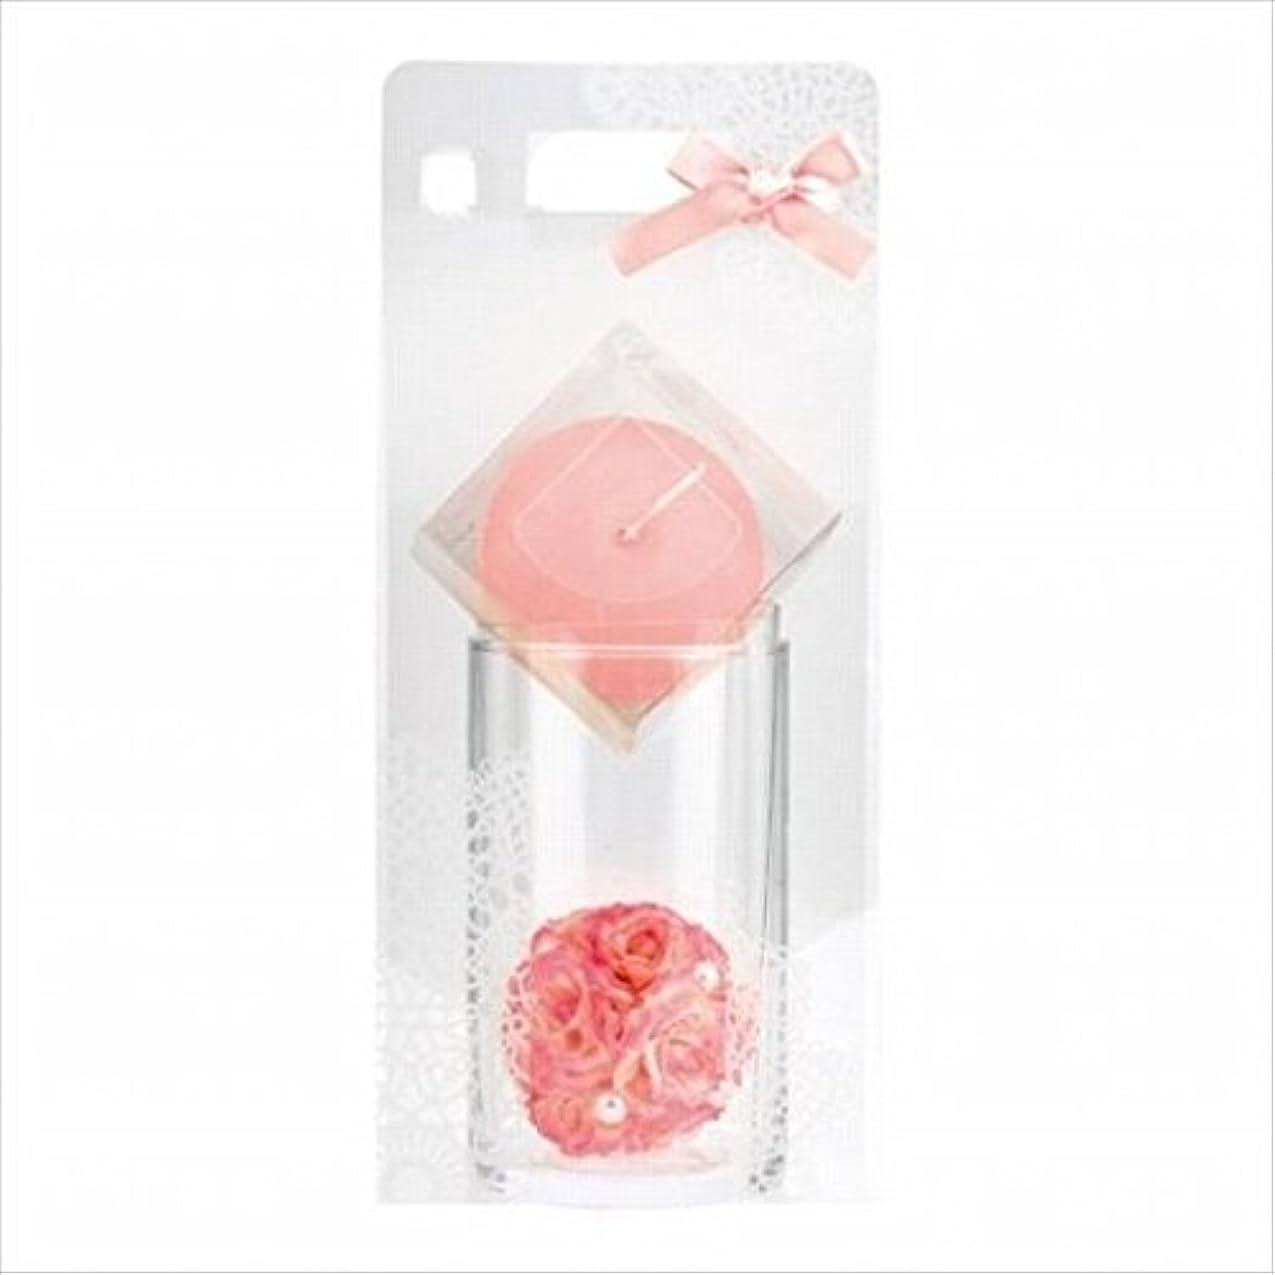 既に指定する体現するkameyama candle(カメヤマキャンドル) ローズボールセット 「 ピーチアンバ 」 キャンドル ギフトセット(66031000PA)